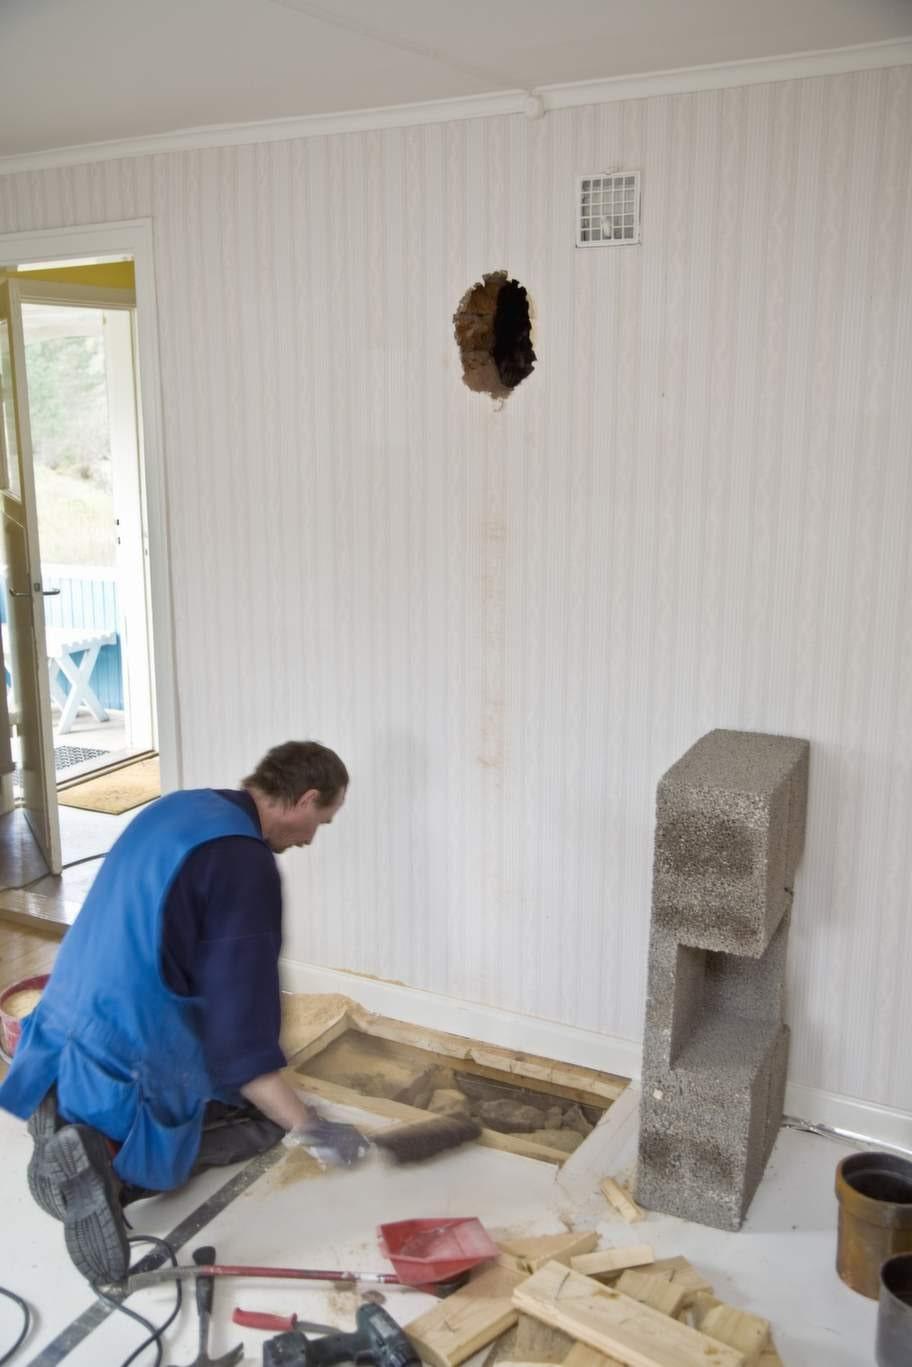 Under golvplanken var det tomt, väldigt tomt. Så förstärkning behövdes så att golvet skulle orka bära eldstaden.